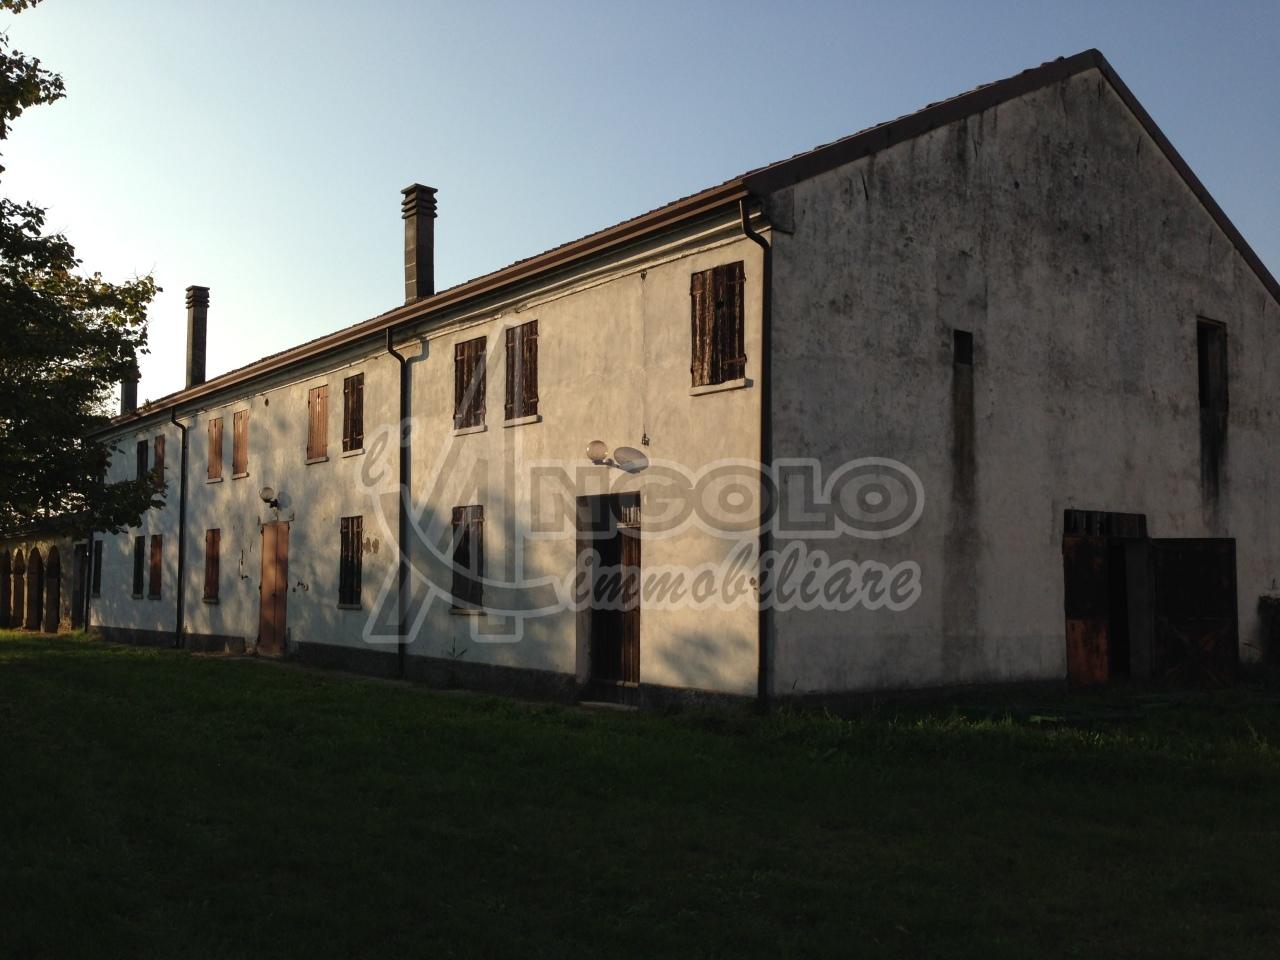 Rustico / Casale in vendita a Stienta, 9999 locali, prezzo € 150.000 | Cambio Casa.it